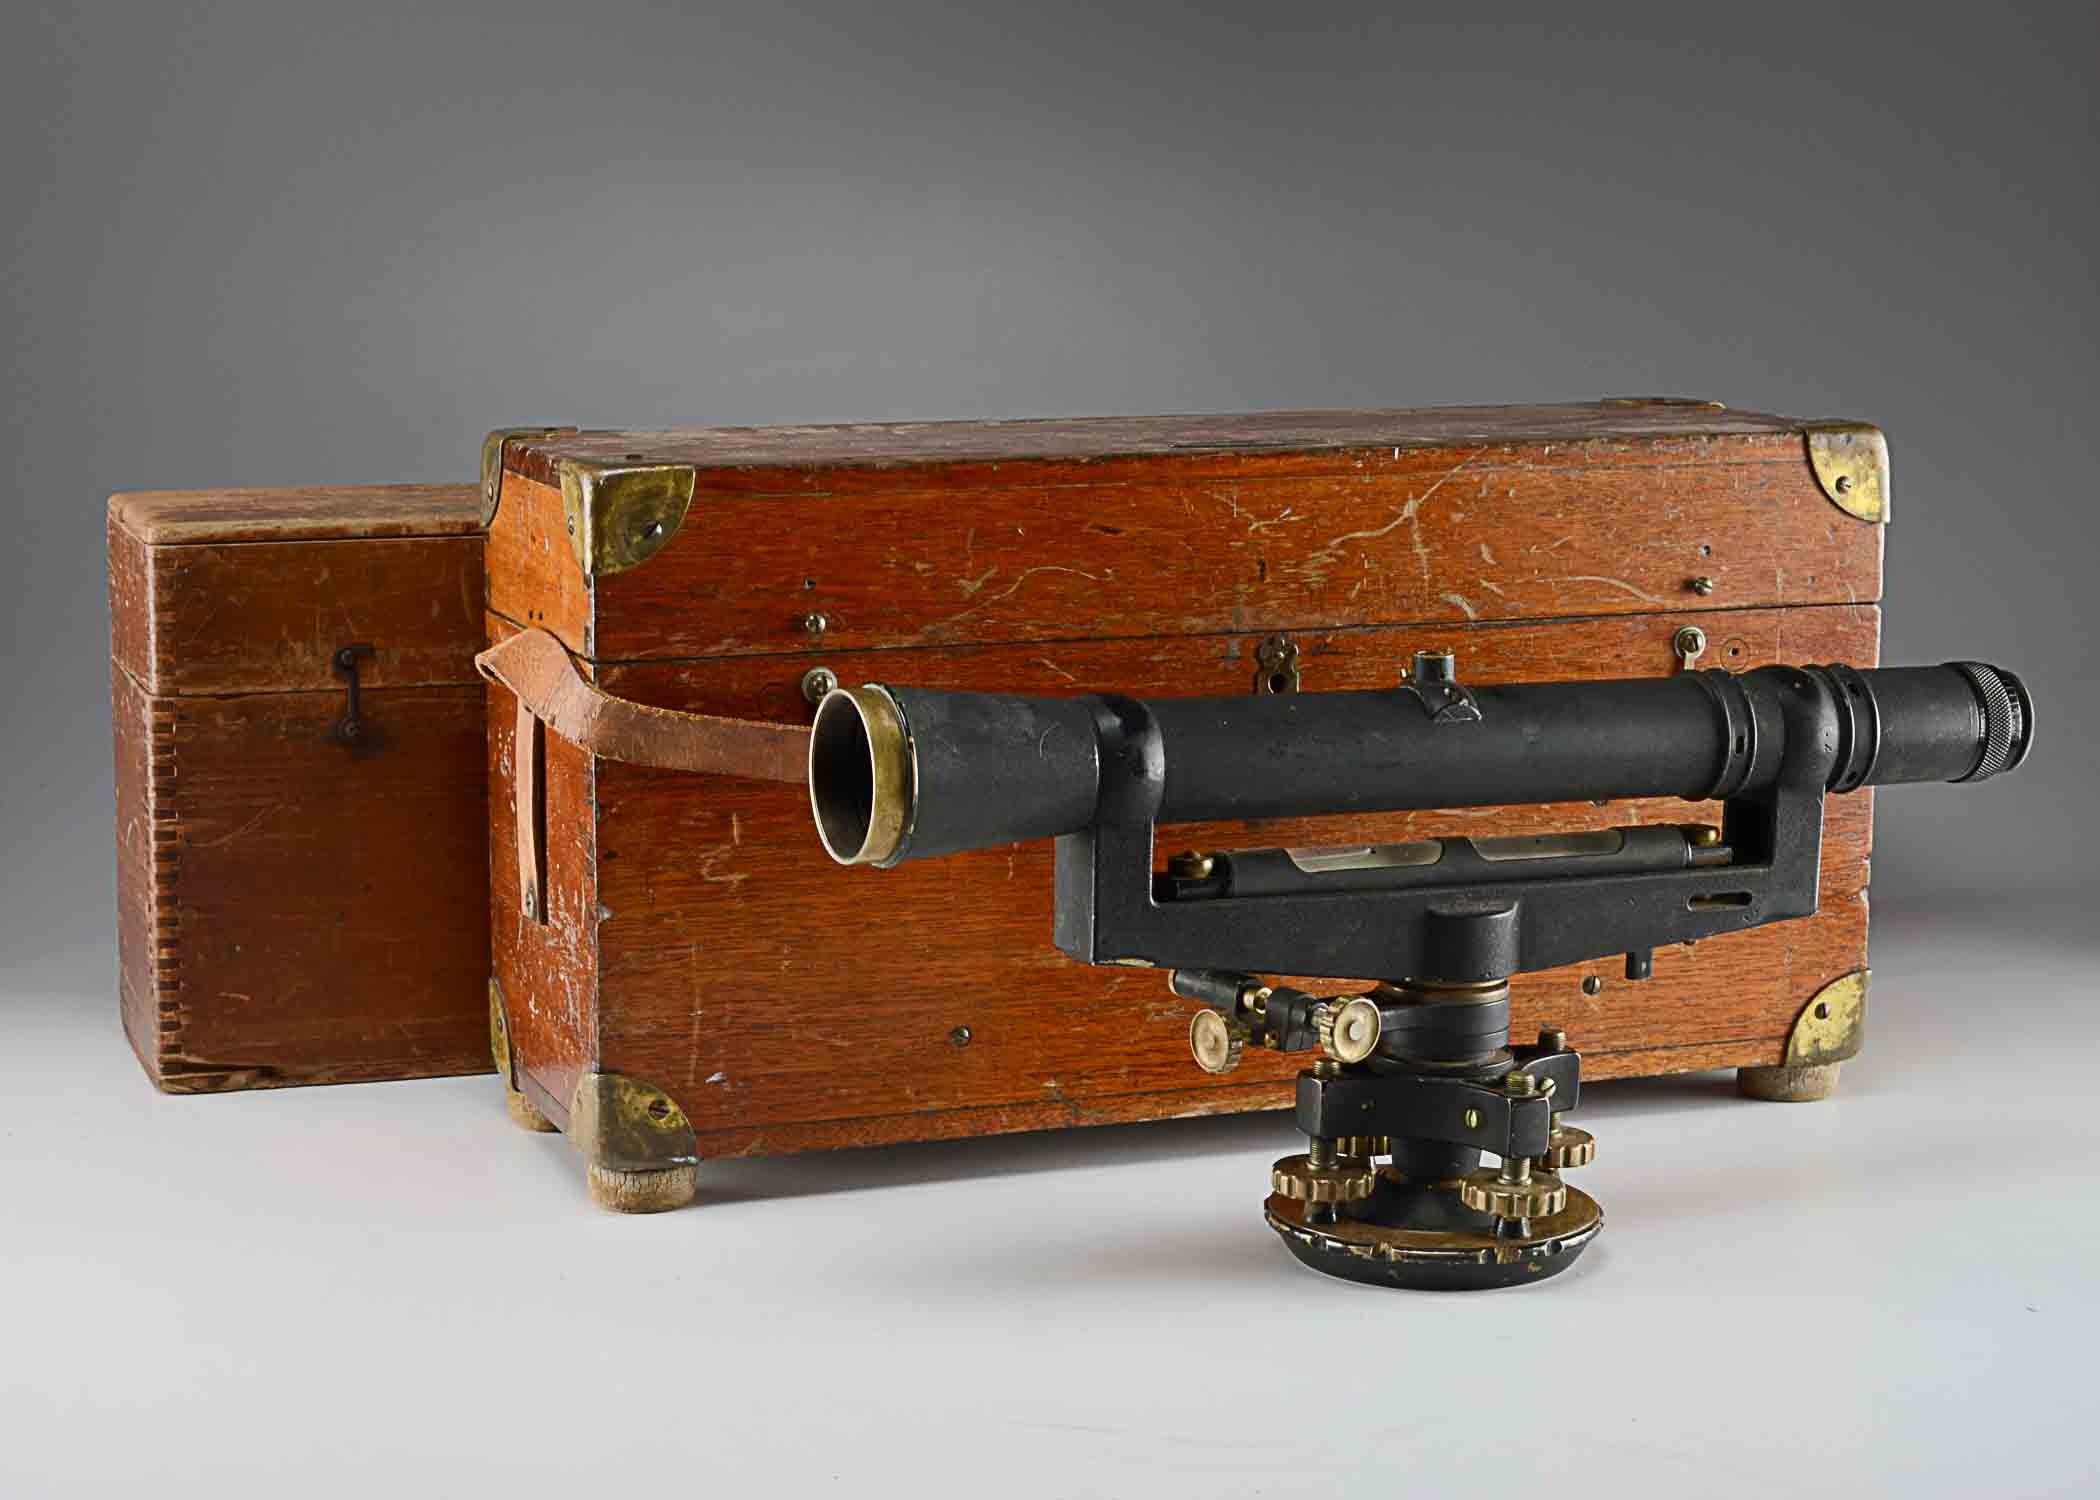 David White Co. Surveyor Transit with Original Case